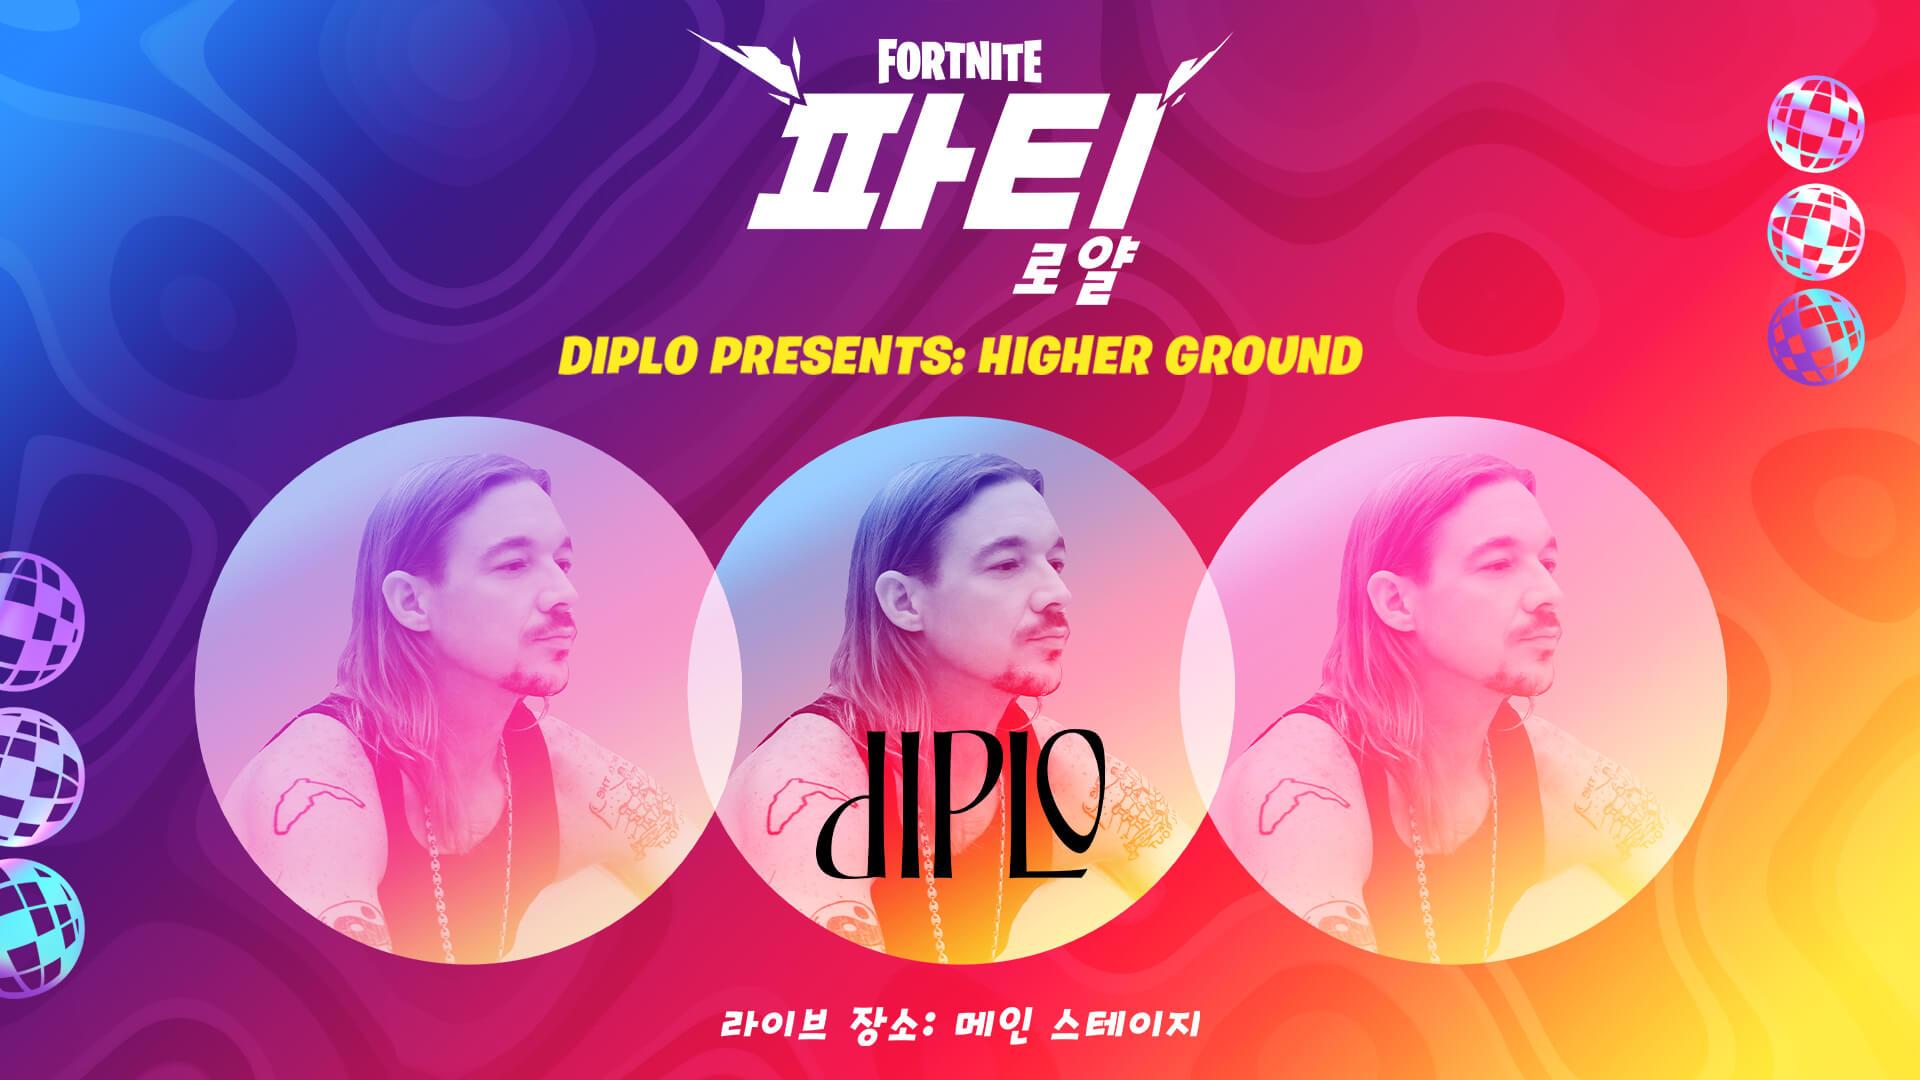 KR 13PR Diplo HigherGround Announce Social